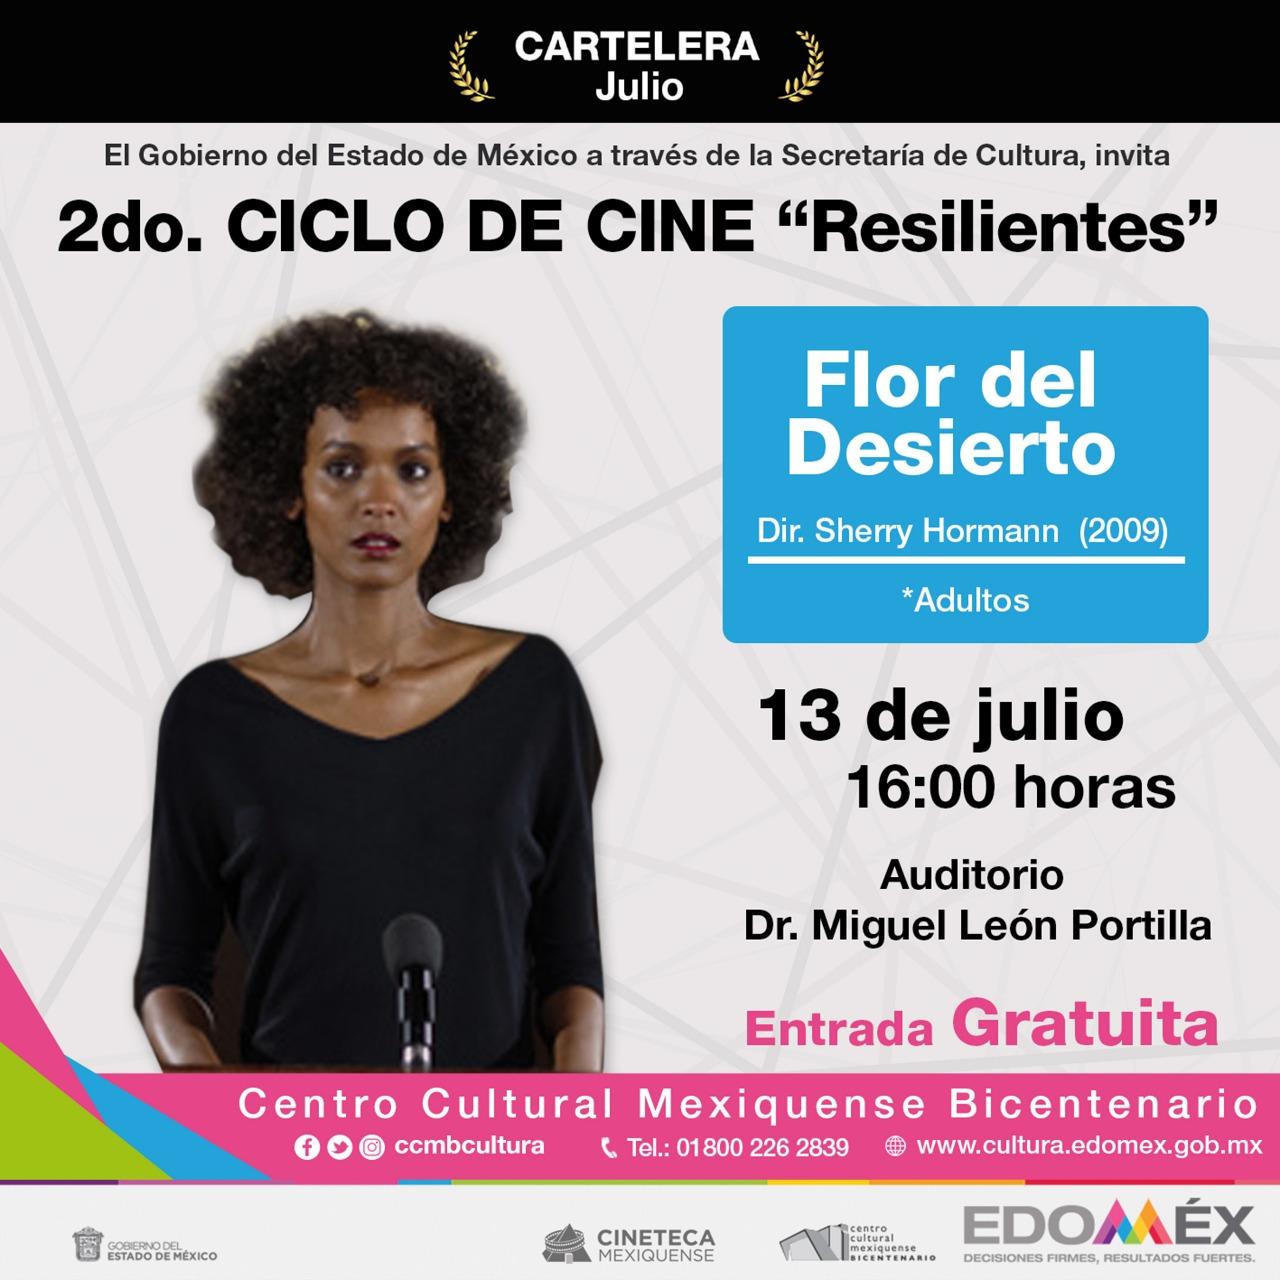 """Asiste al ciclo de cine """"Resilentes"""" en el Centro Cultural Bicentenario - Jul 2, 2019"""